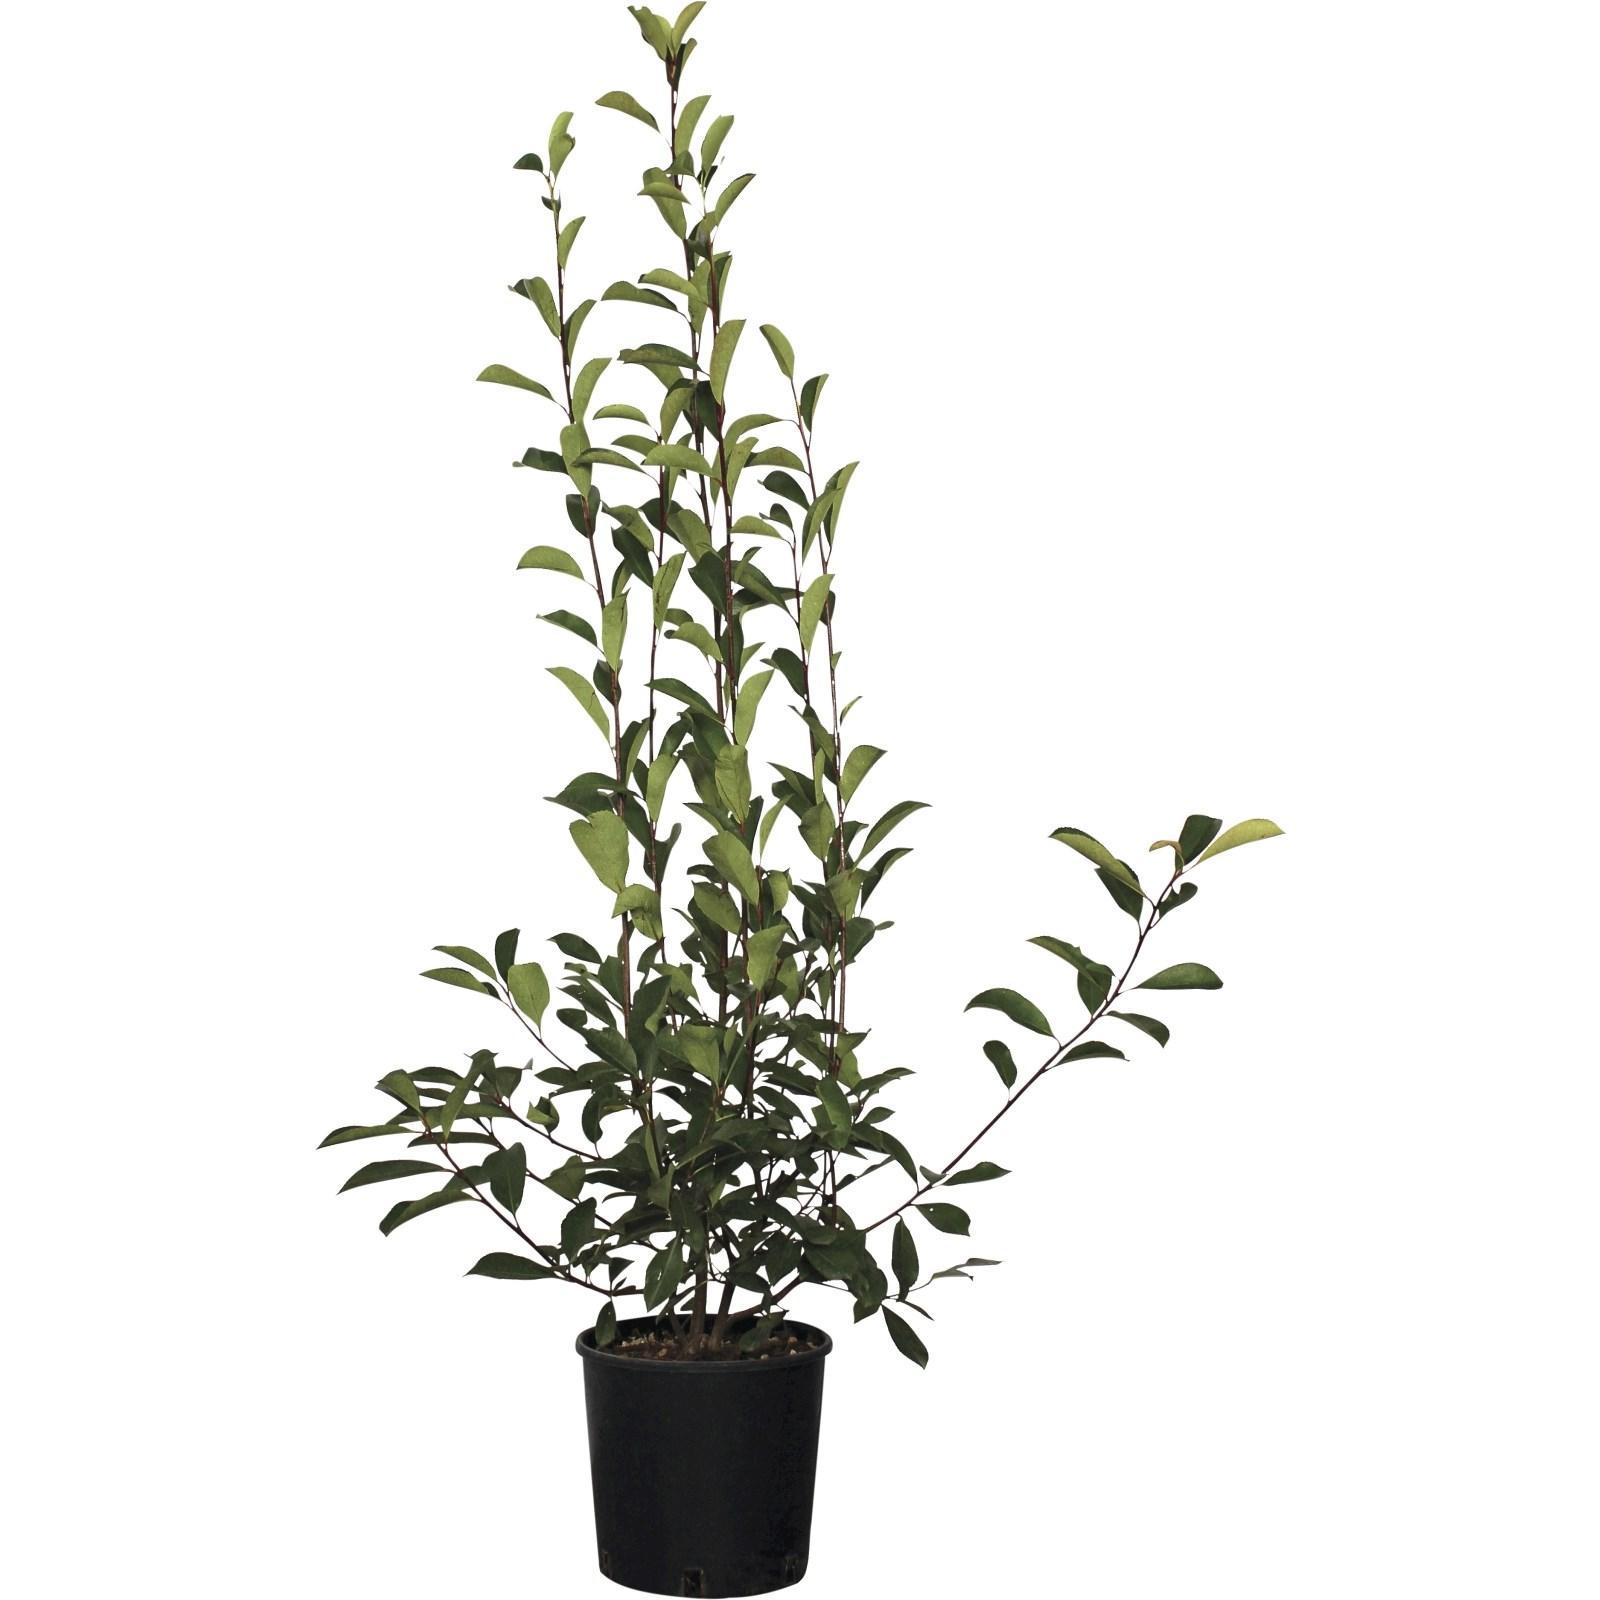 Verpiss Pflanze Kaufen Landi